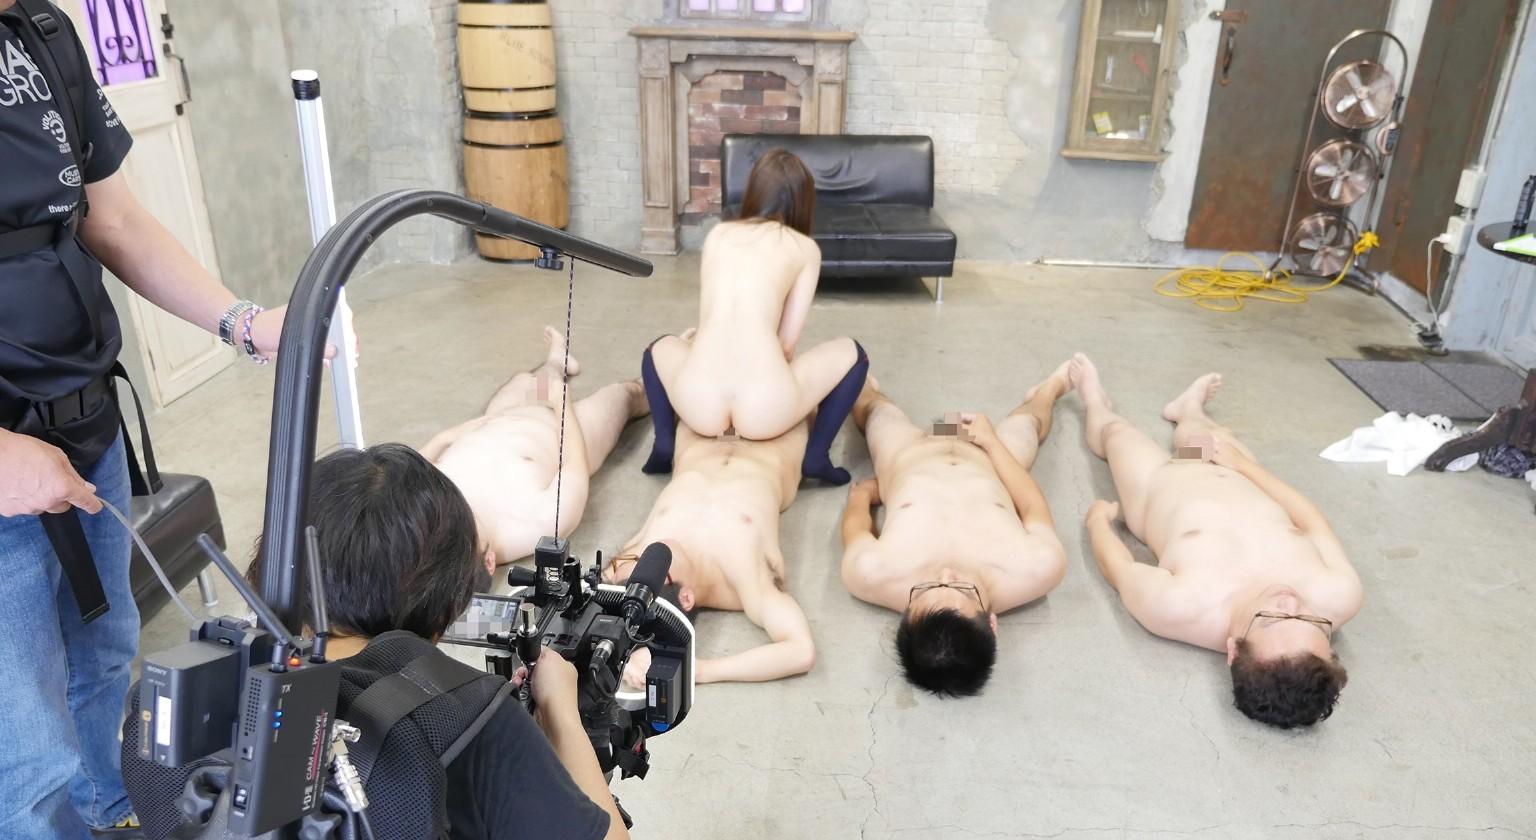 オープンすぎるAV撮影現場画像、想像と違っててワロタ。。。ワロタ。。。(画像56枚)・14枚目